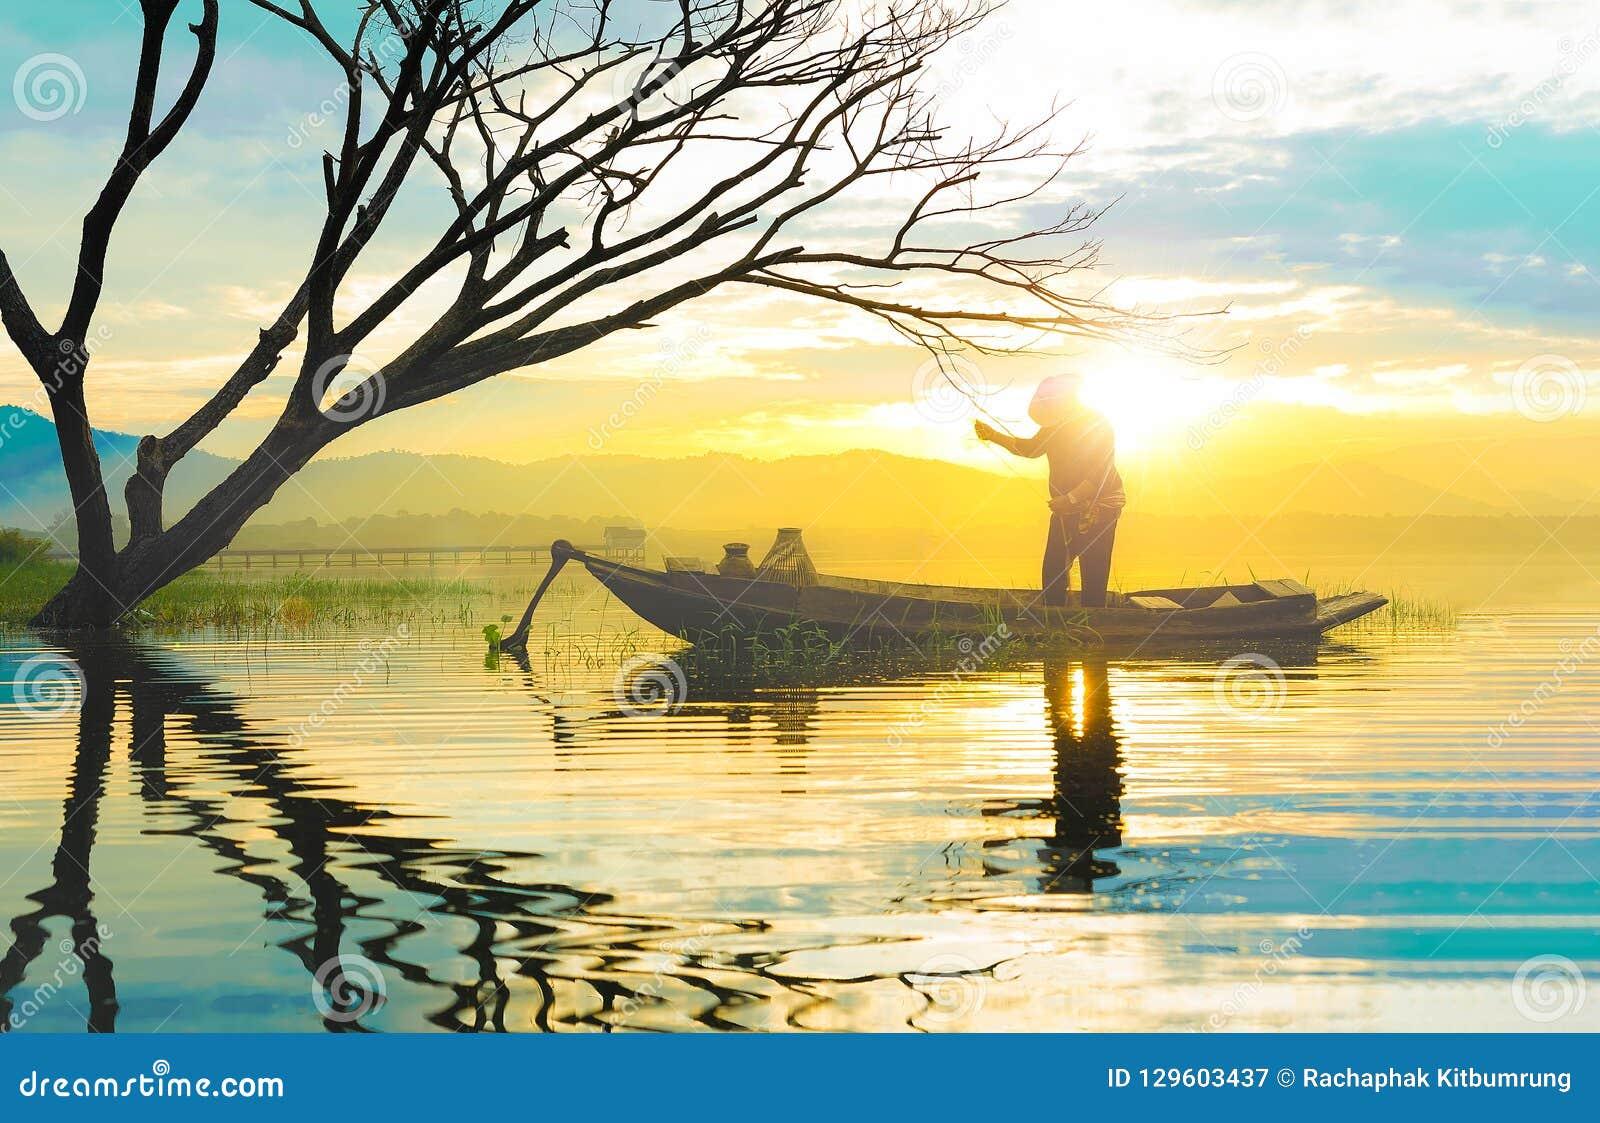 Silueta del pescador que usa la situación de la red en oído del bote pequeño